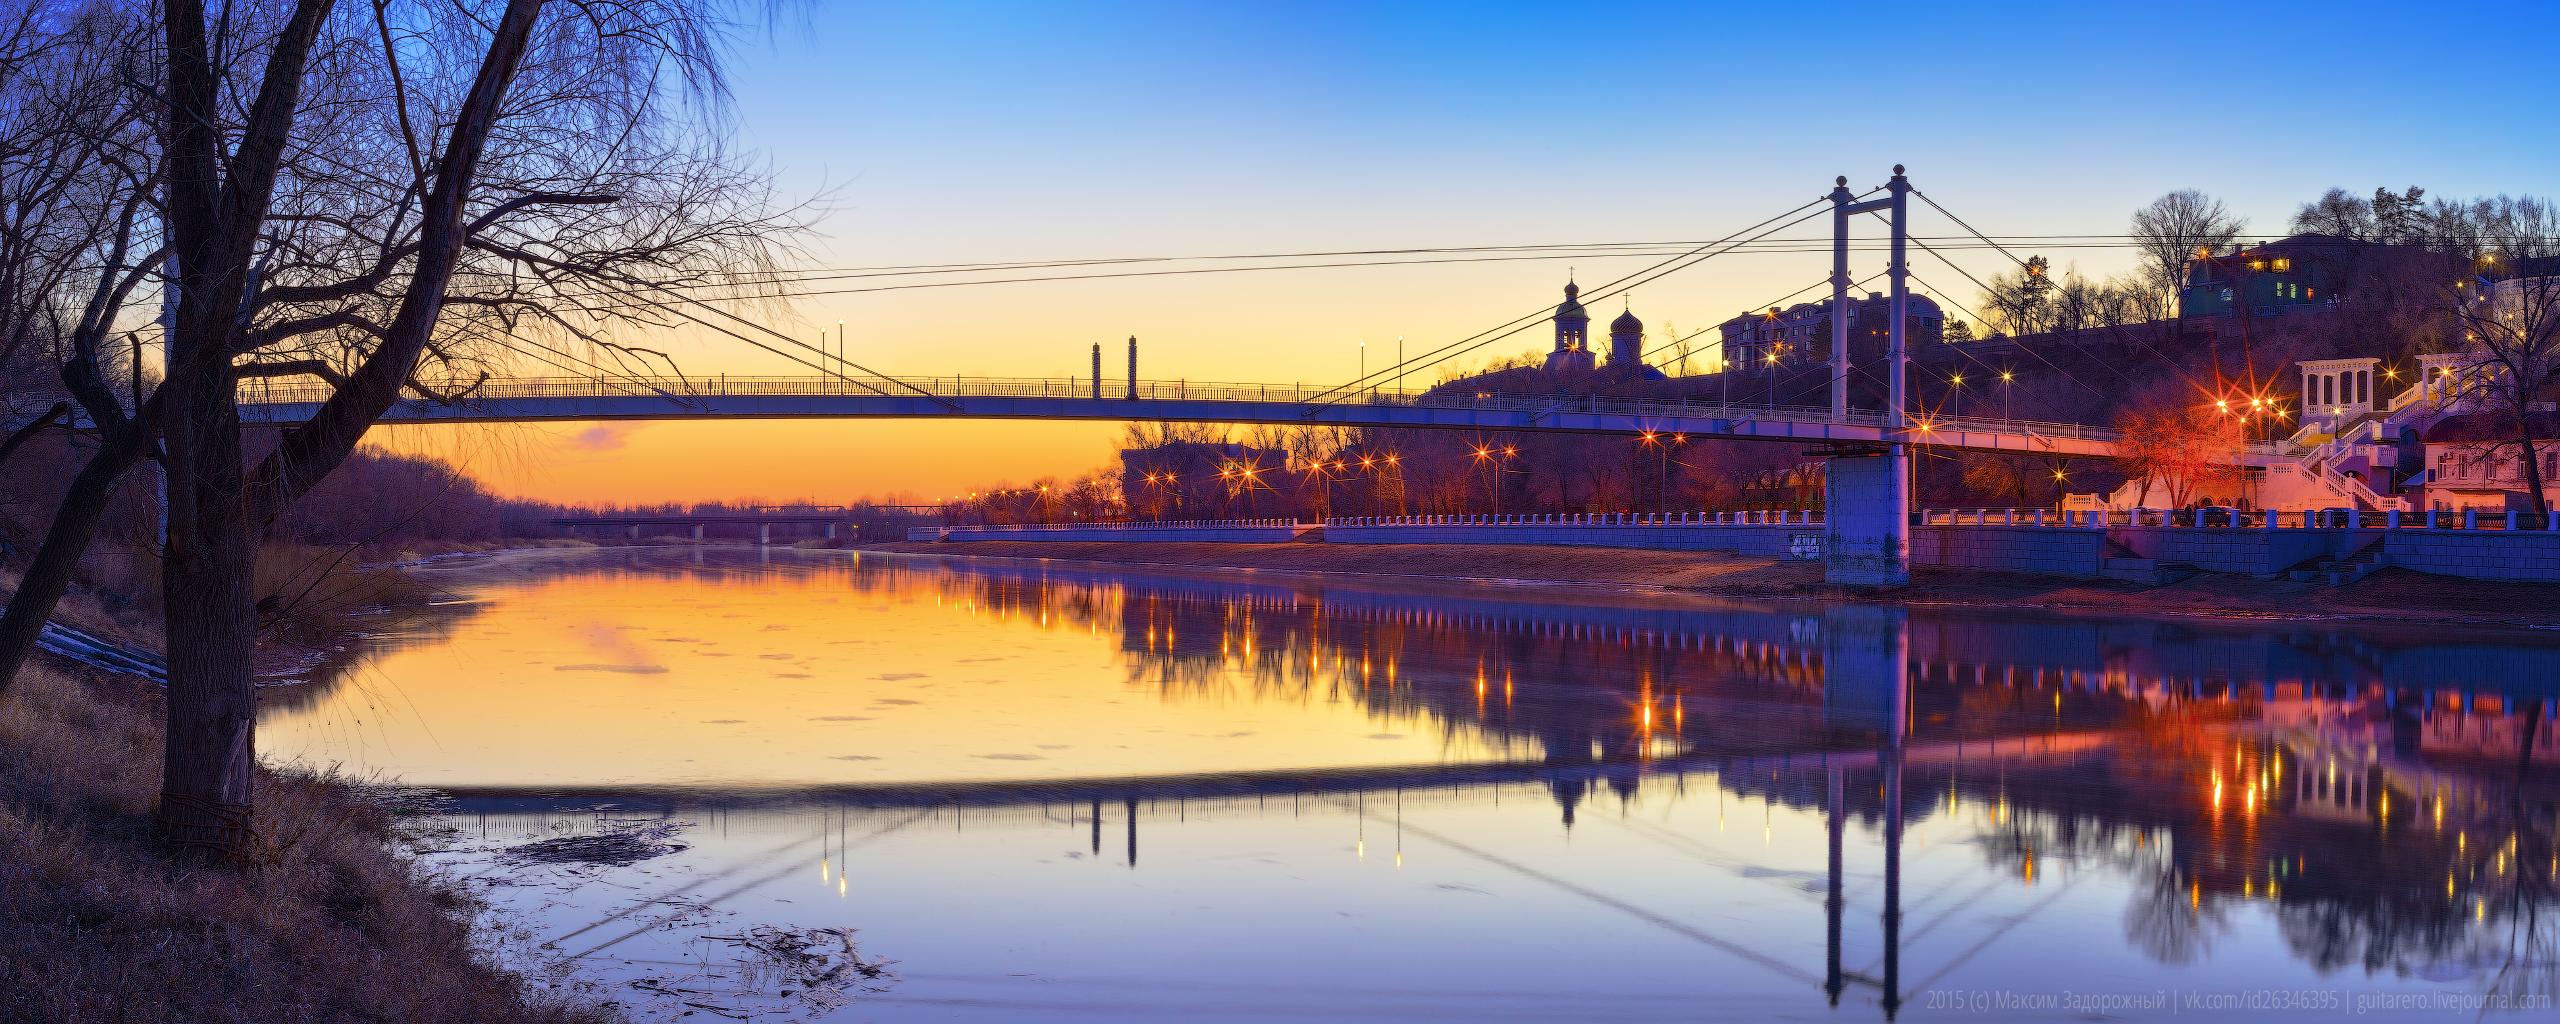 Пешеходный мост через Урал на закате. Оренбург. Фото.